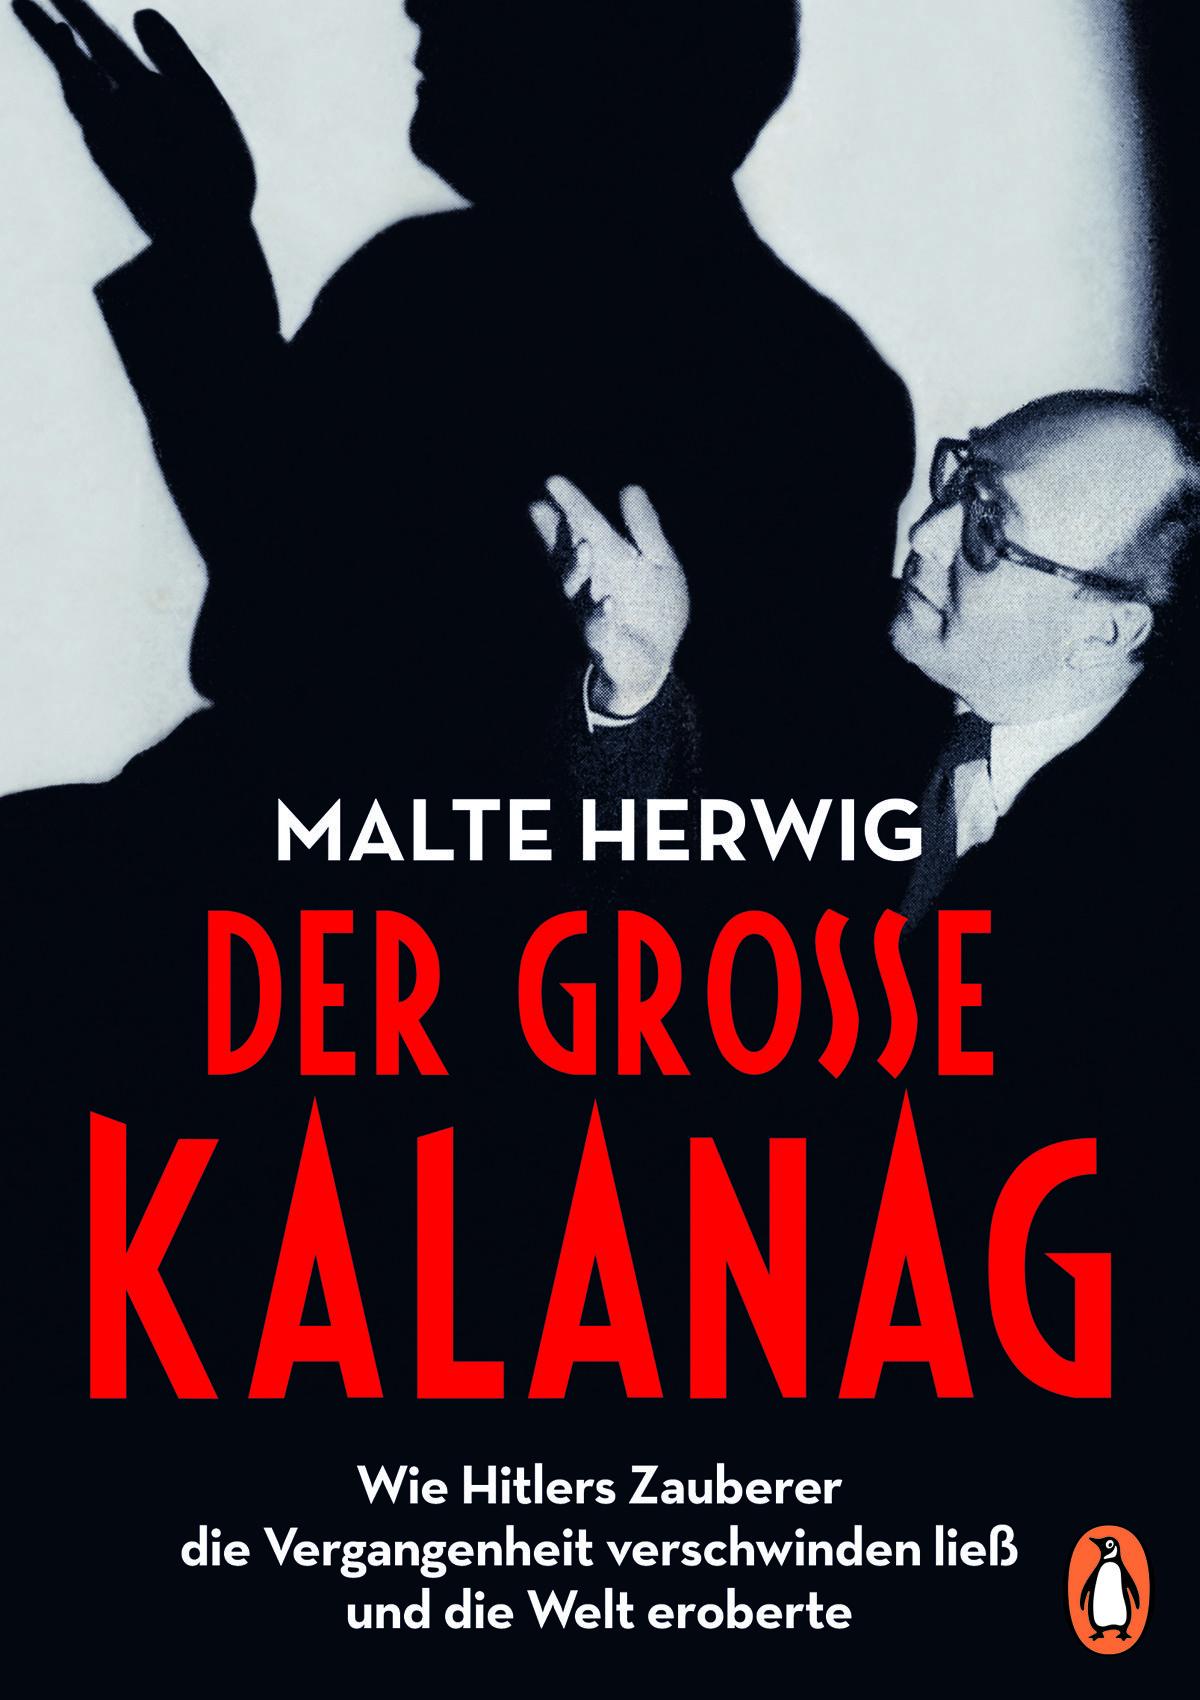 Selbstdarsteller Kalang: Buch über Hitlers Zauberer erschienen